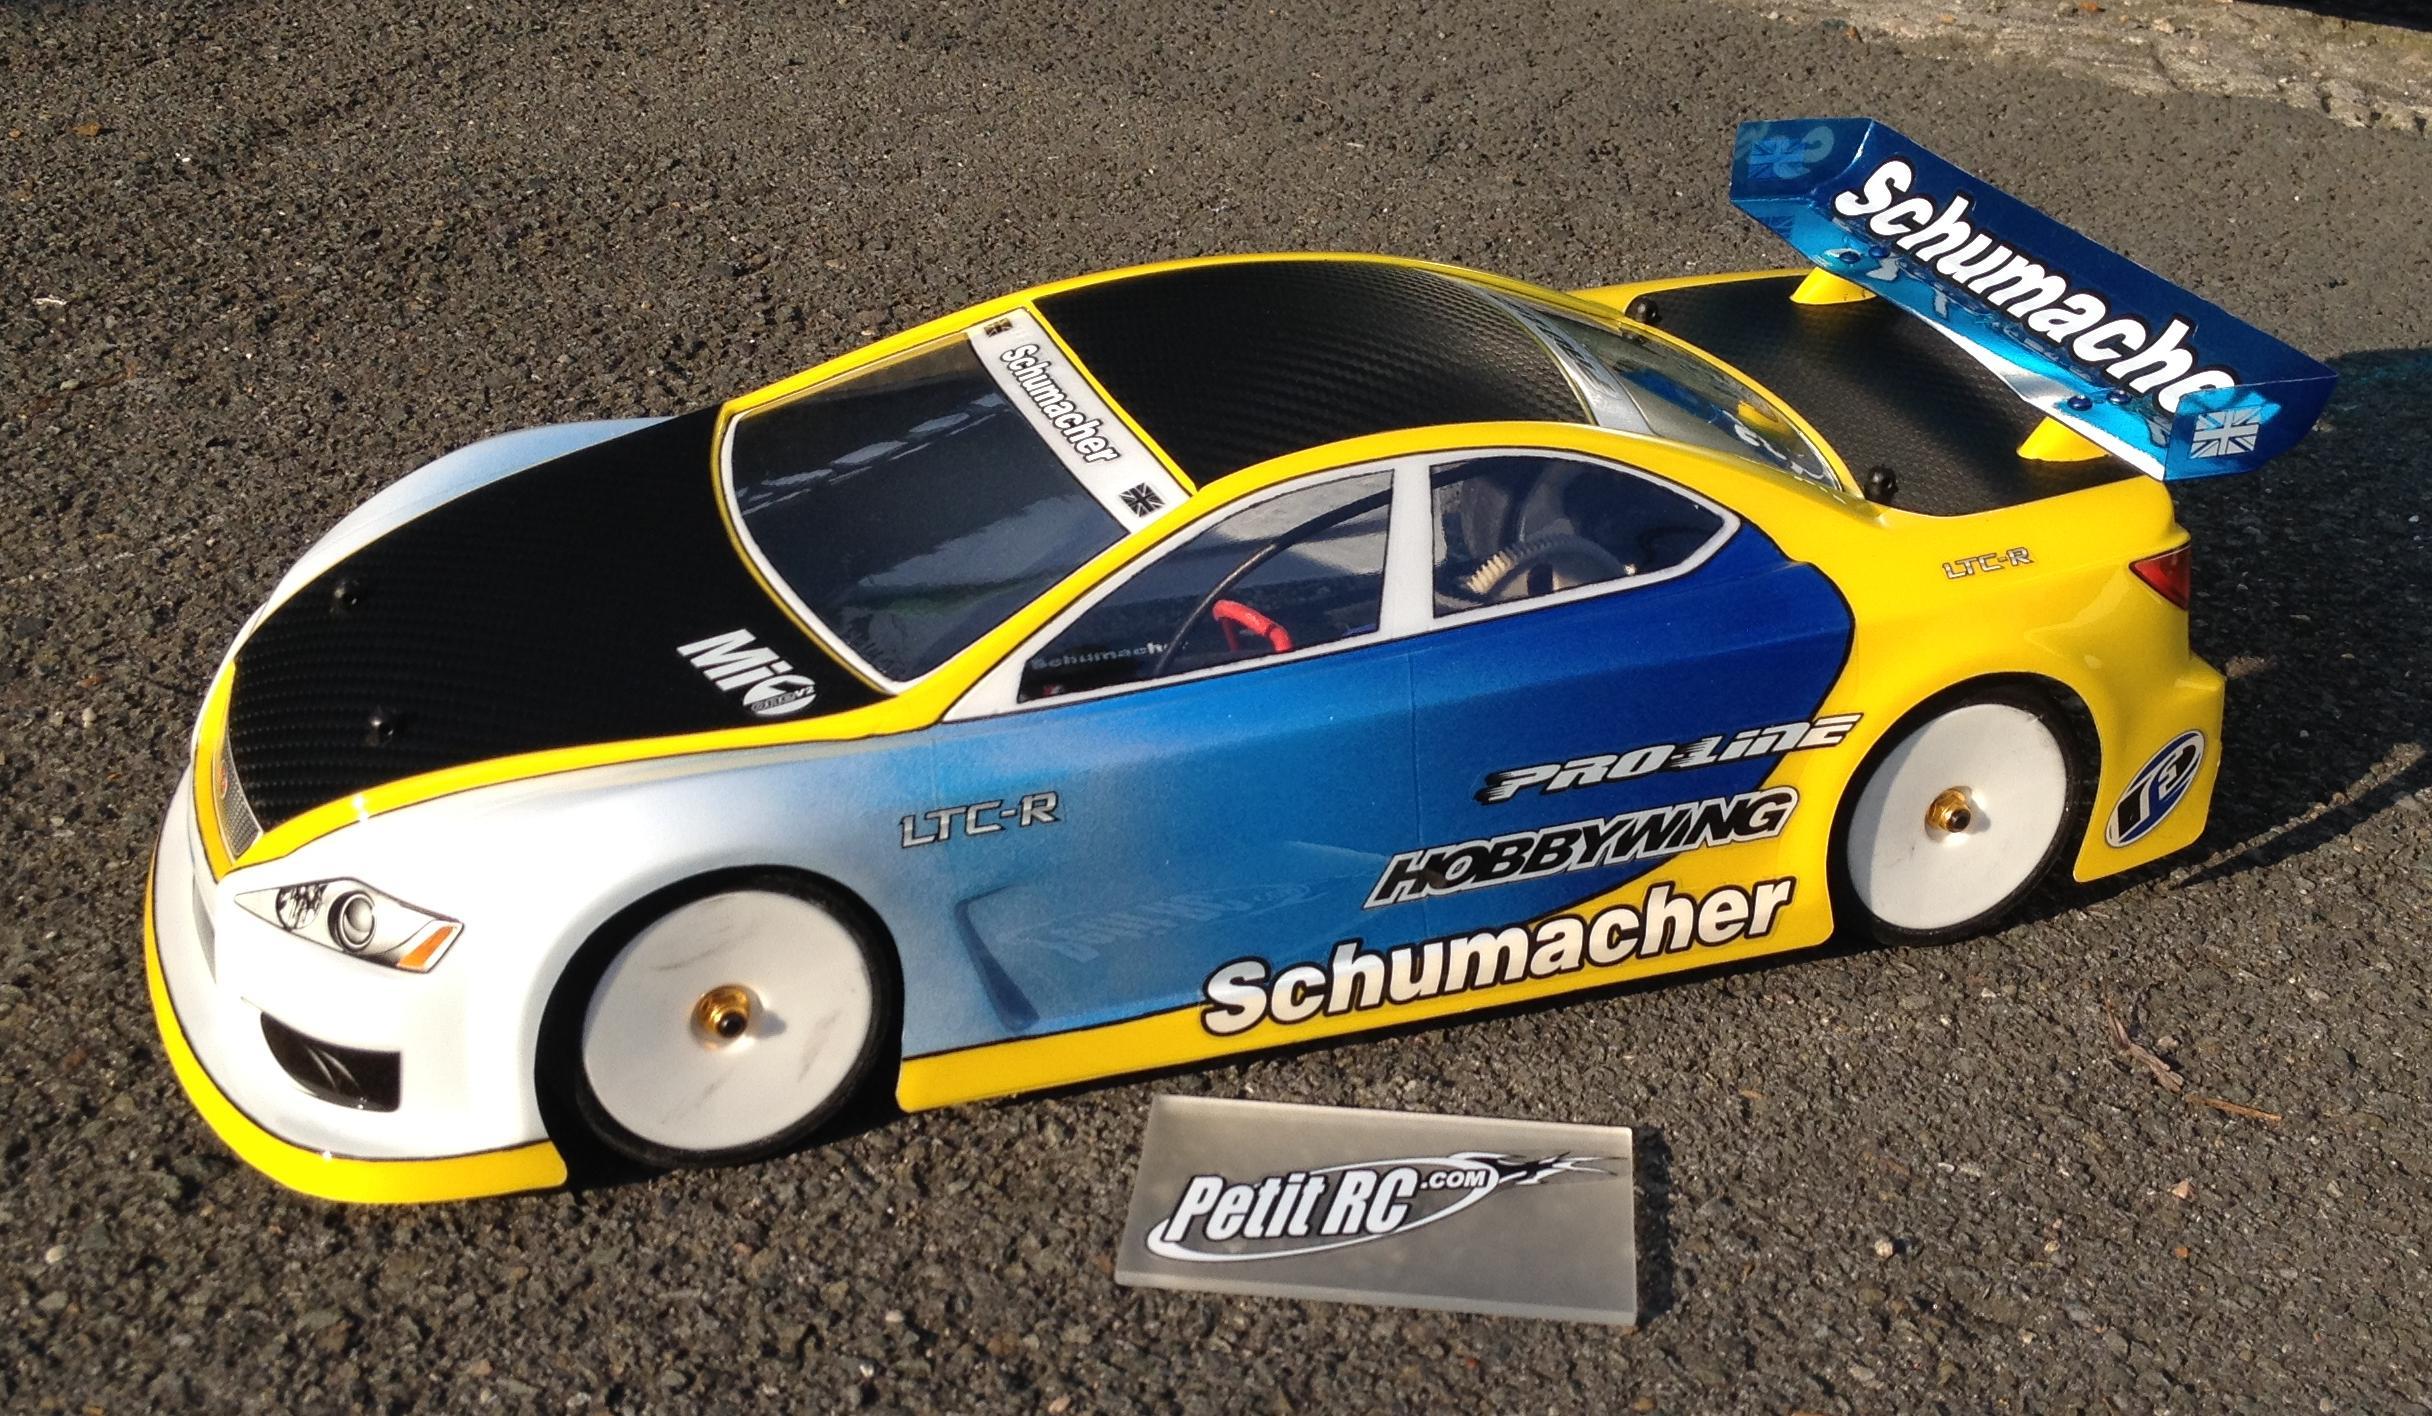 Premiere réalisation carro Mini-Z Subaru 684117130474LTCR1